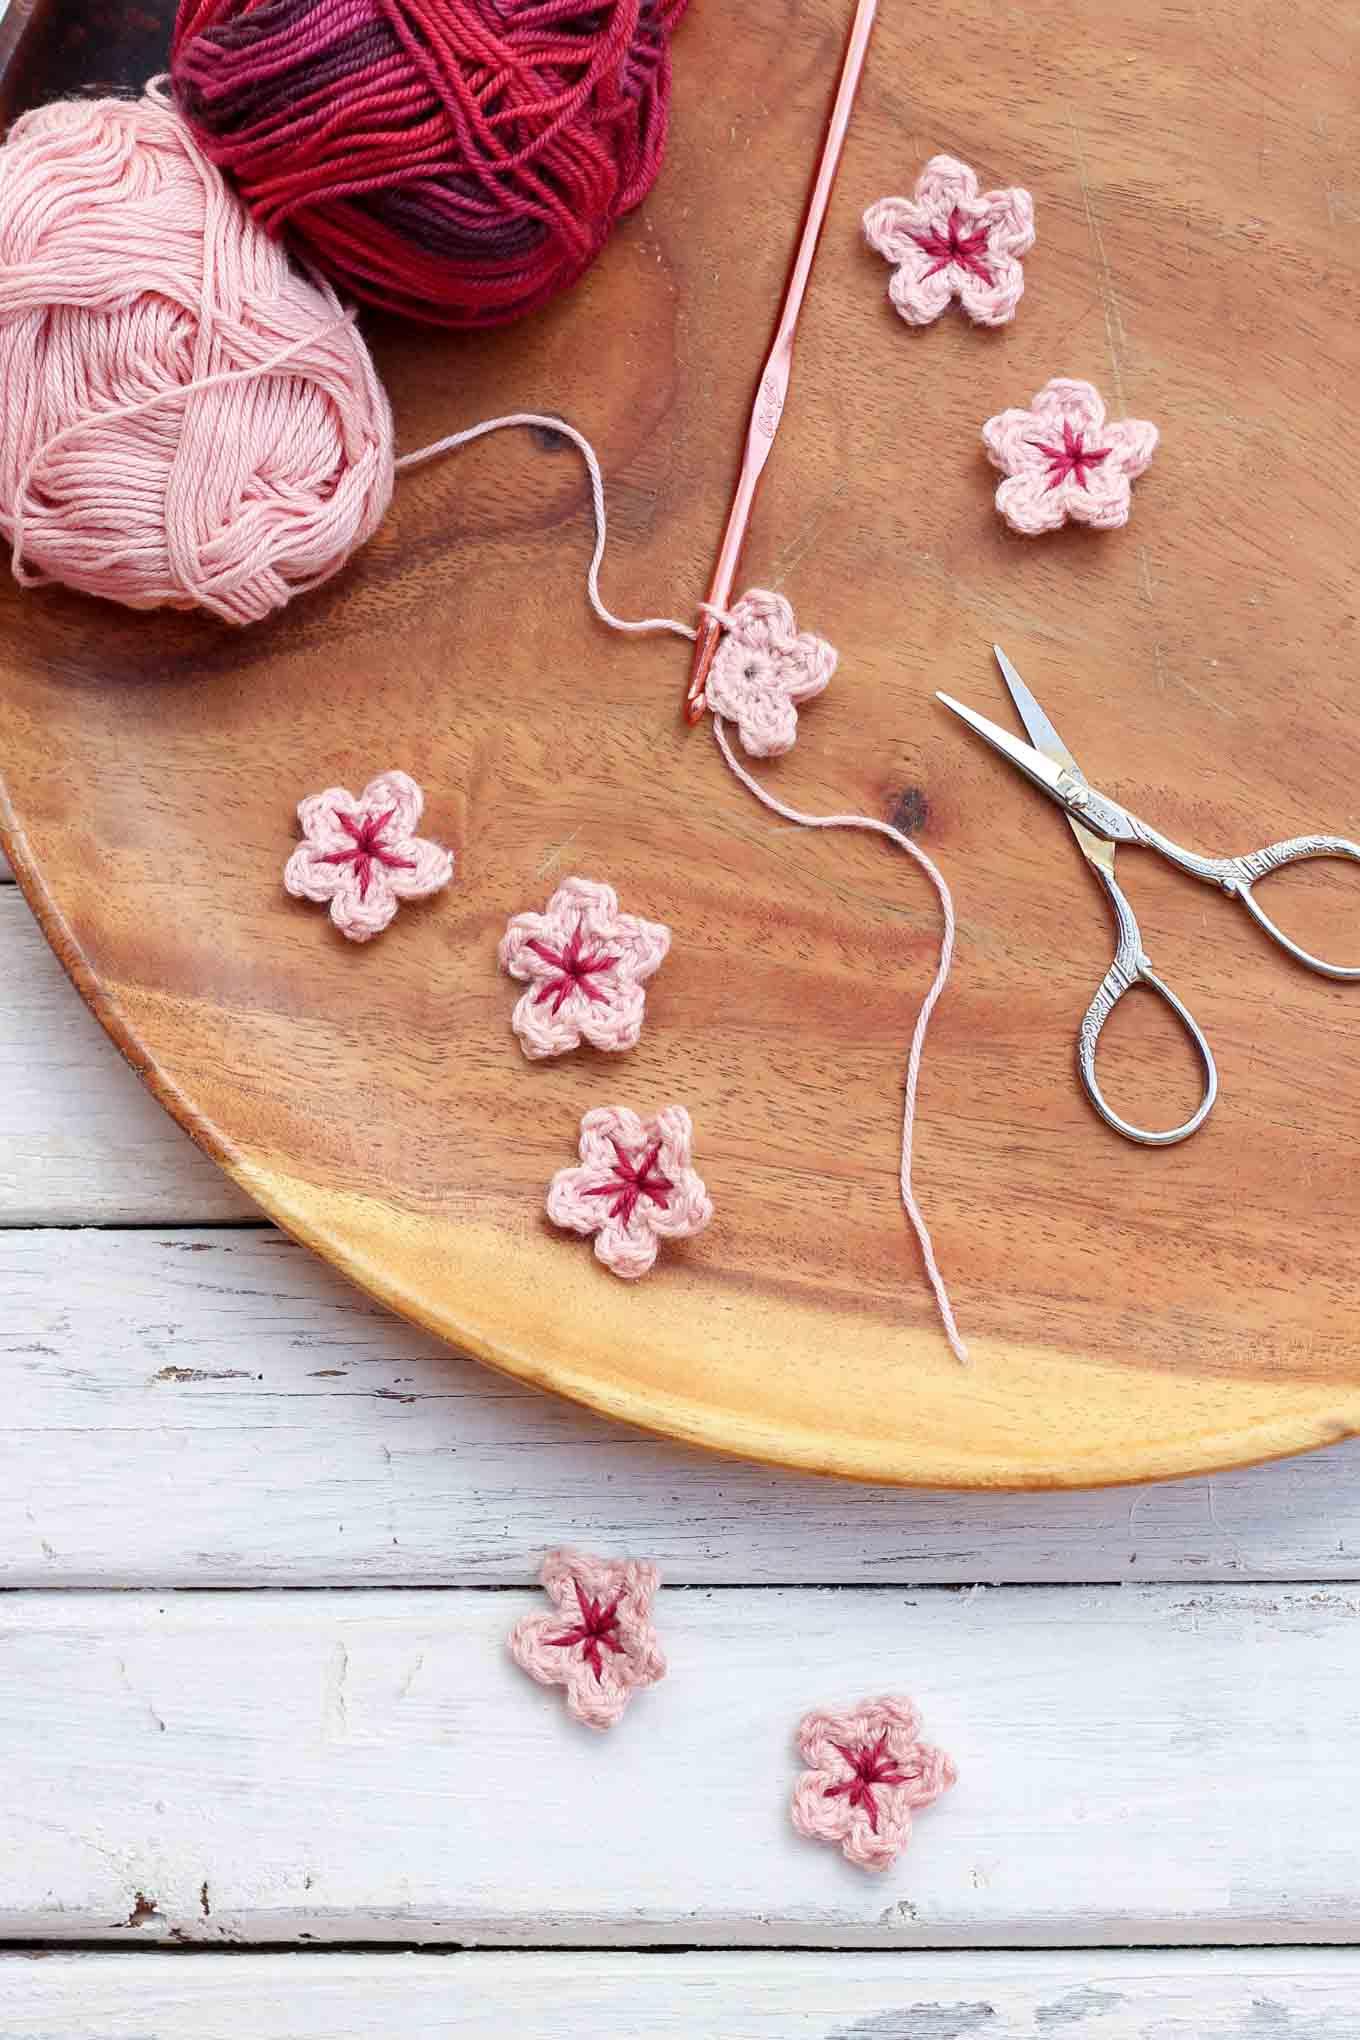 Crochet Cherry Blossom Flower Pattern - Make & Do Crew